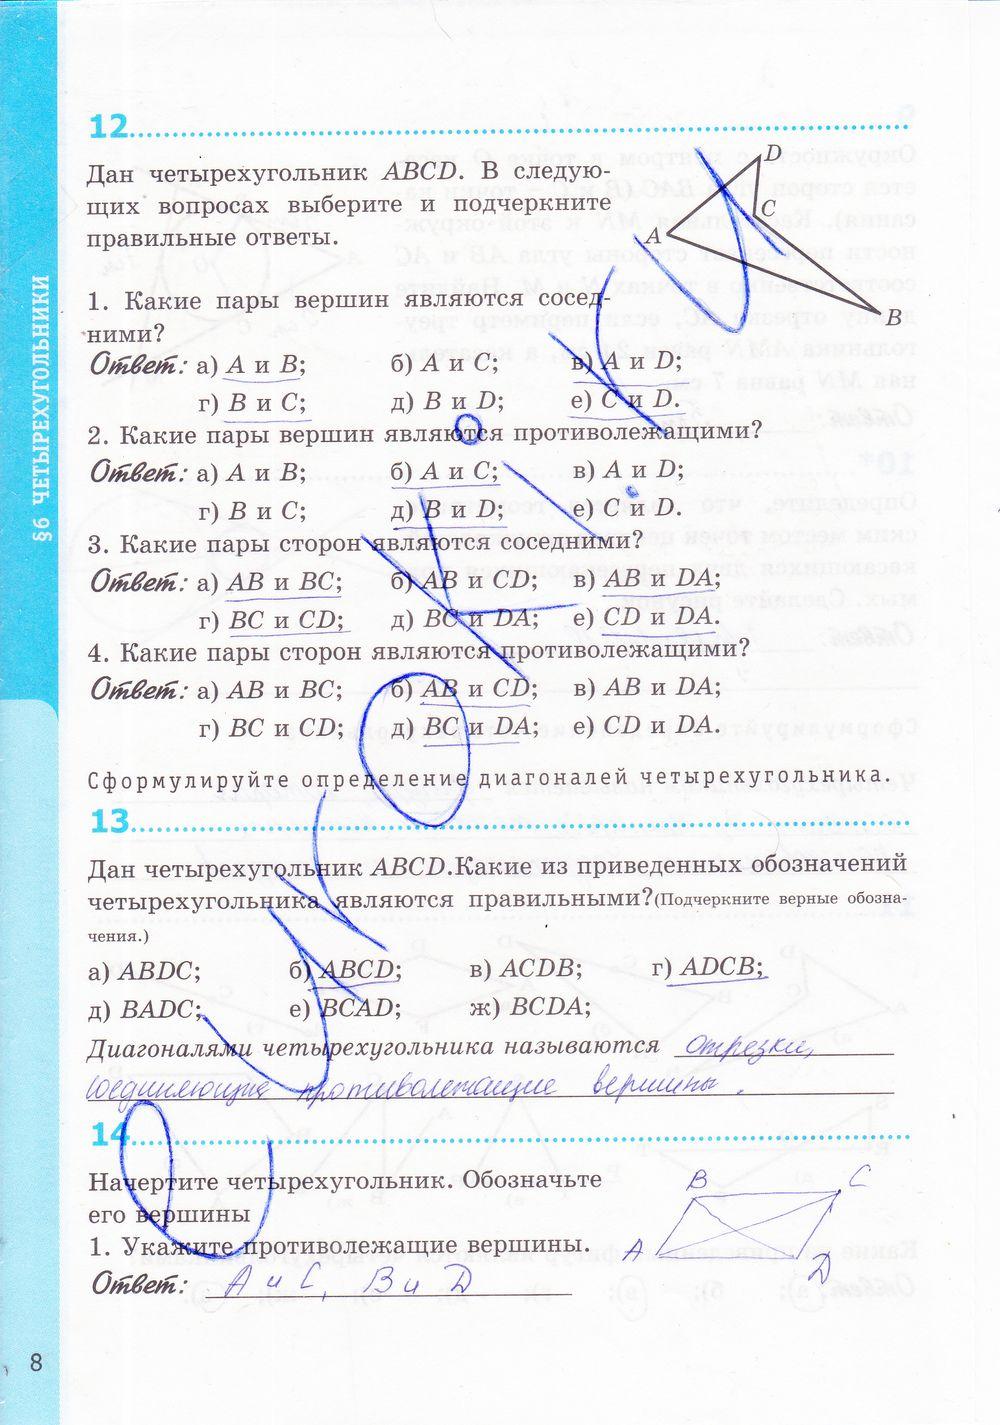 Решебник по украинской литературе 6 класс нина гуйванюк валентина бузинська светлана тодорюк